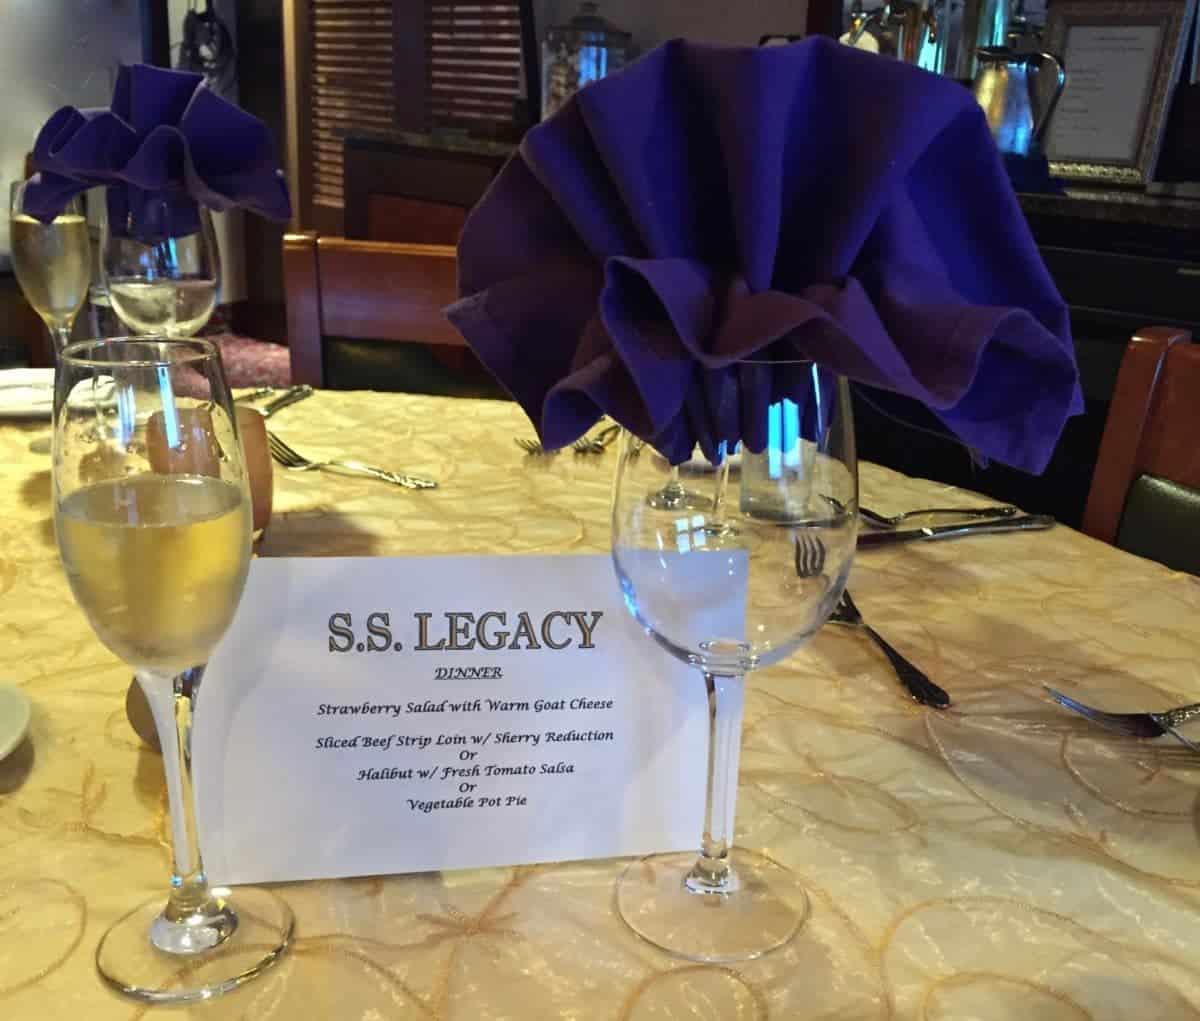 S.S. Legacy Farewell Dinner